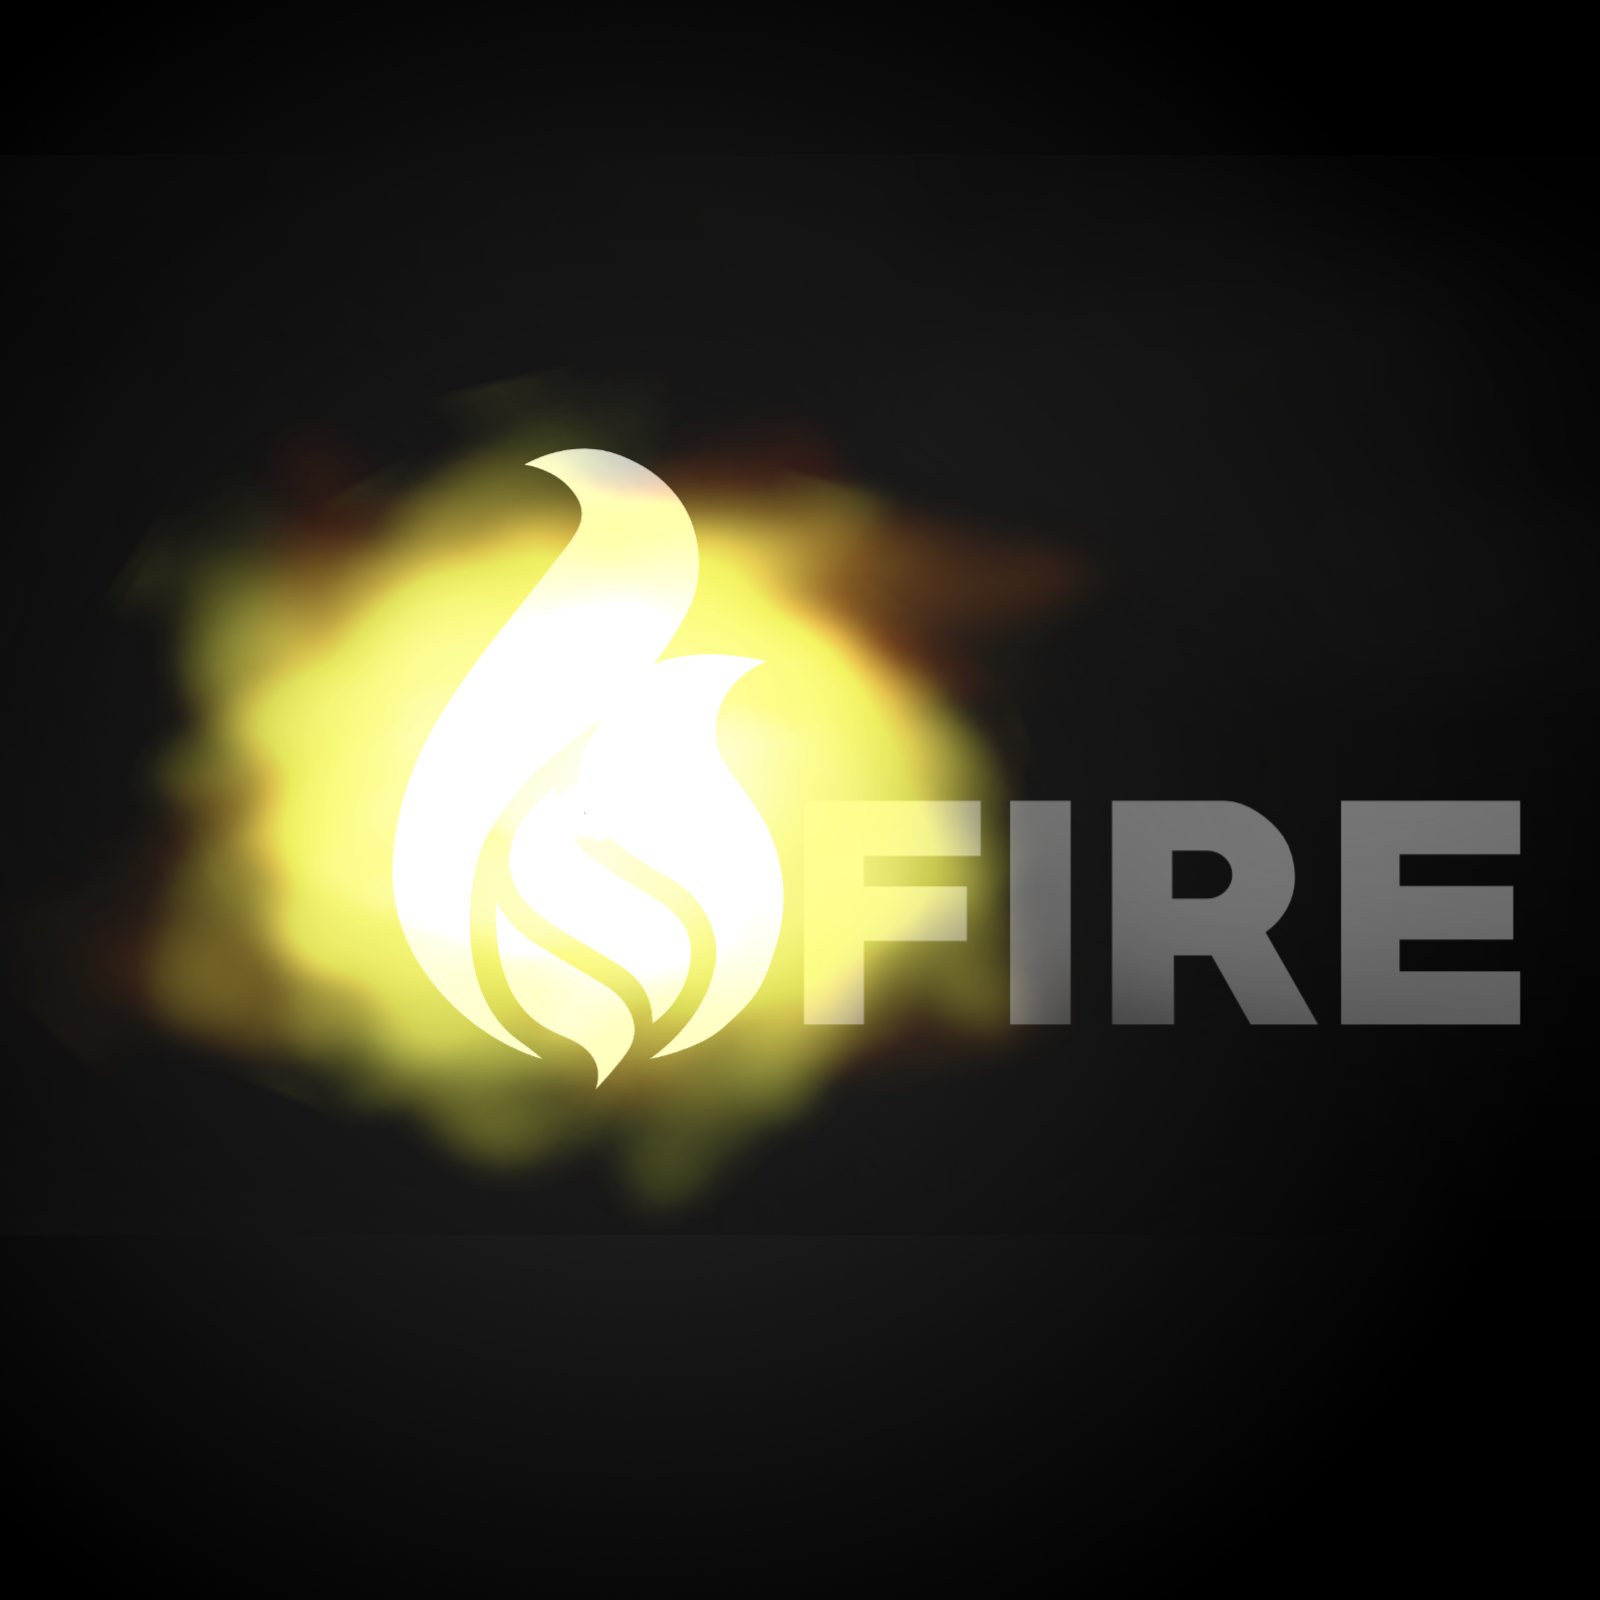 FireSMsquare.jpg